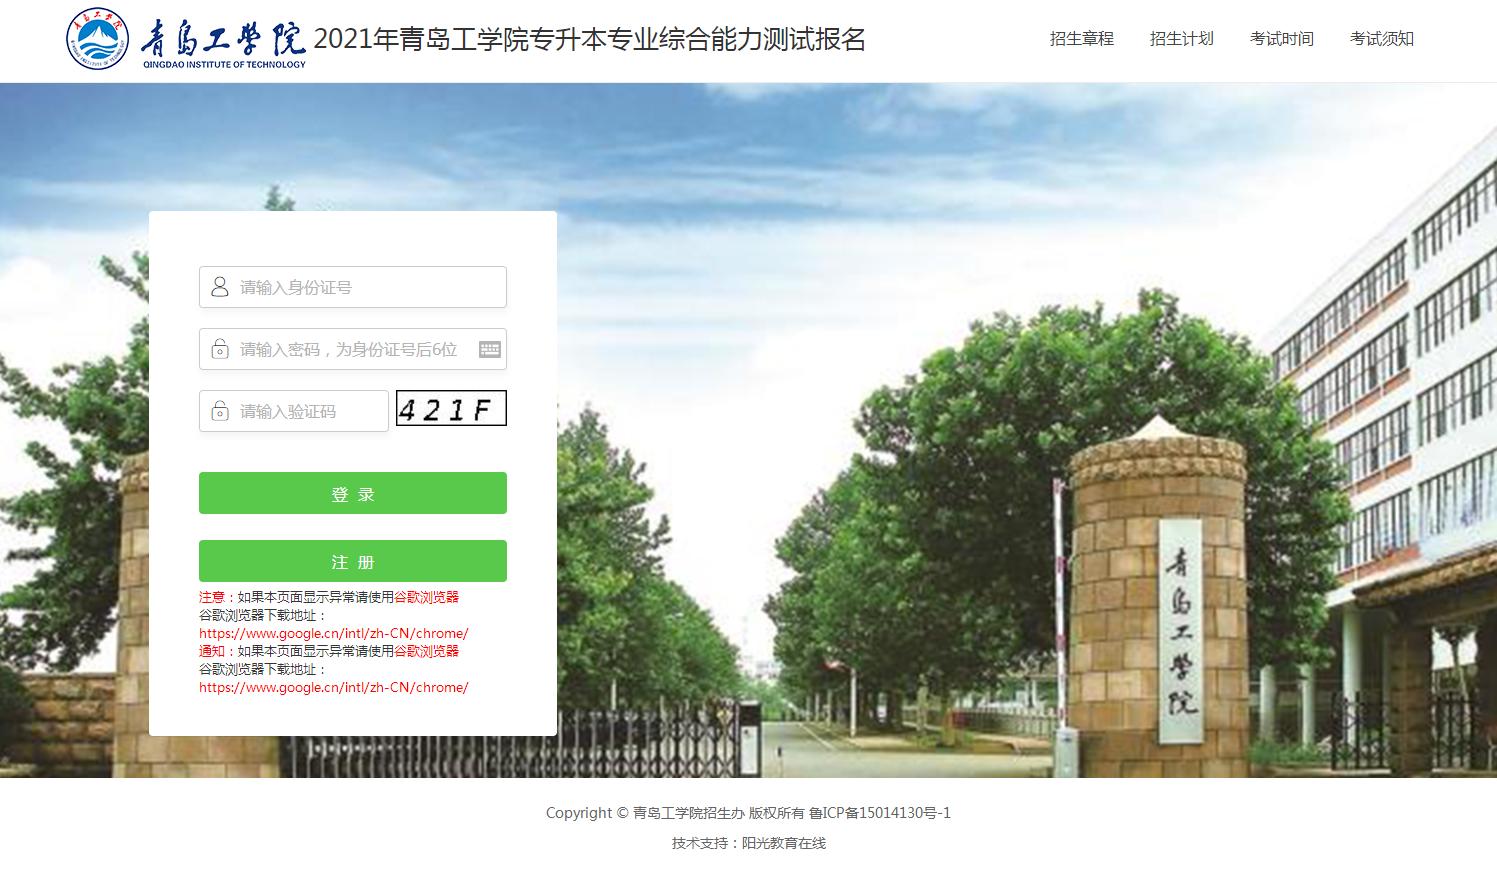 青岛工学院专升本自荐考试时间